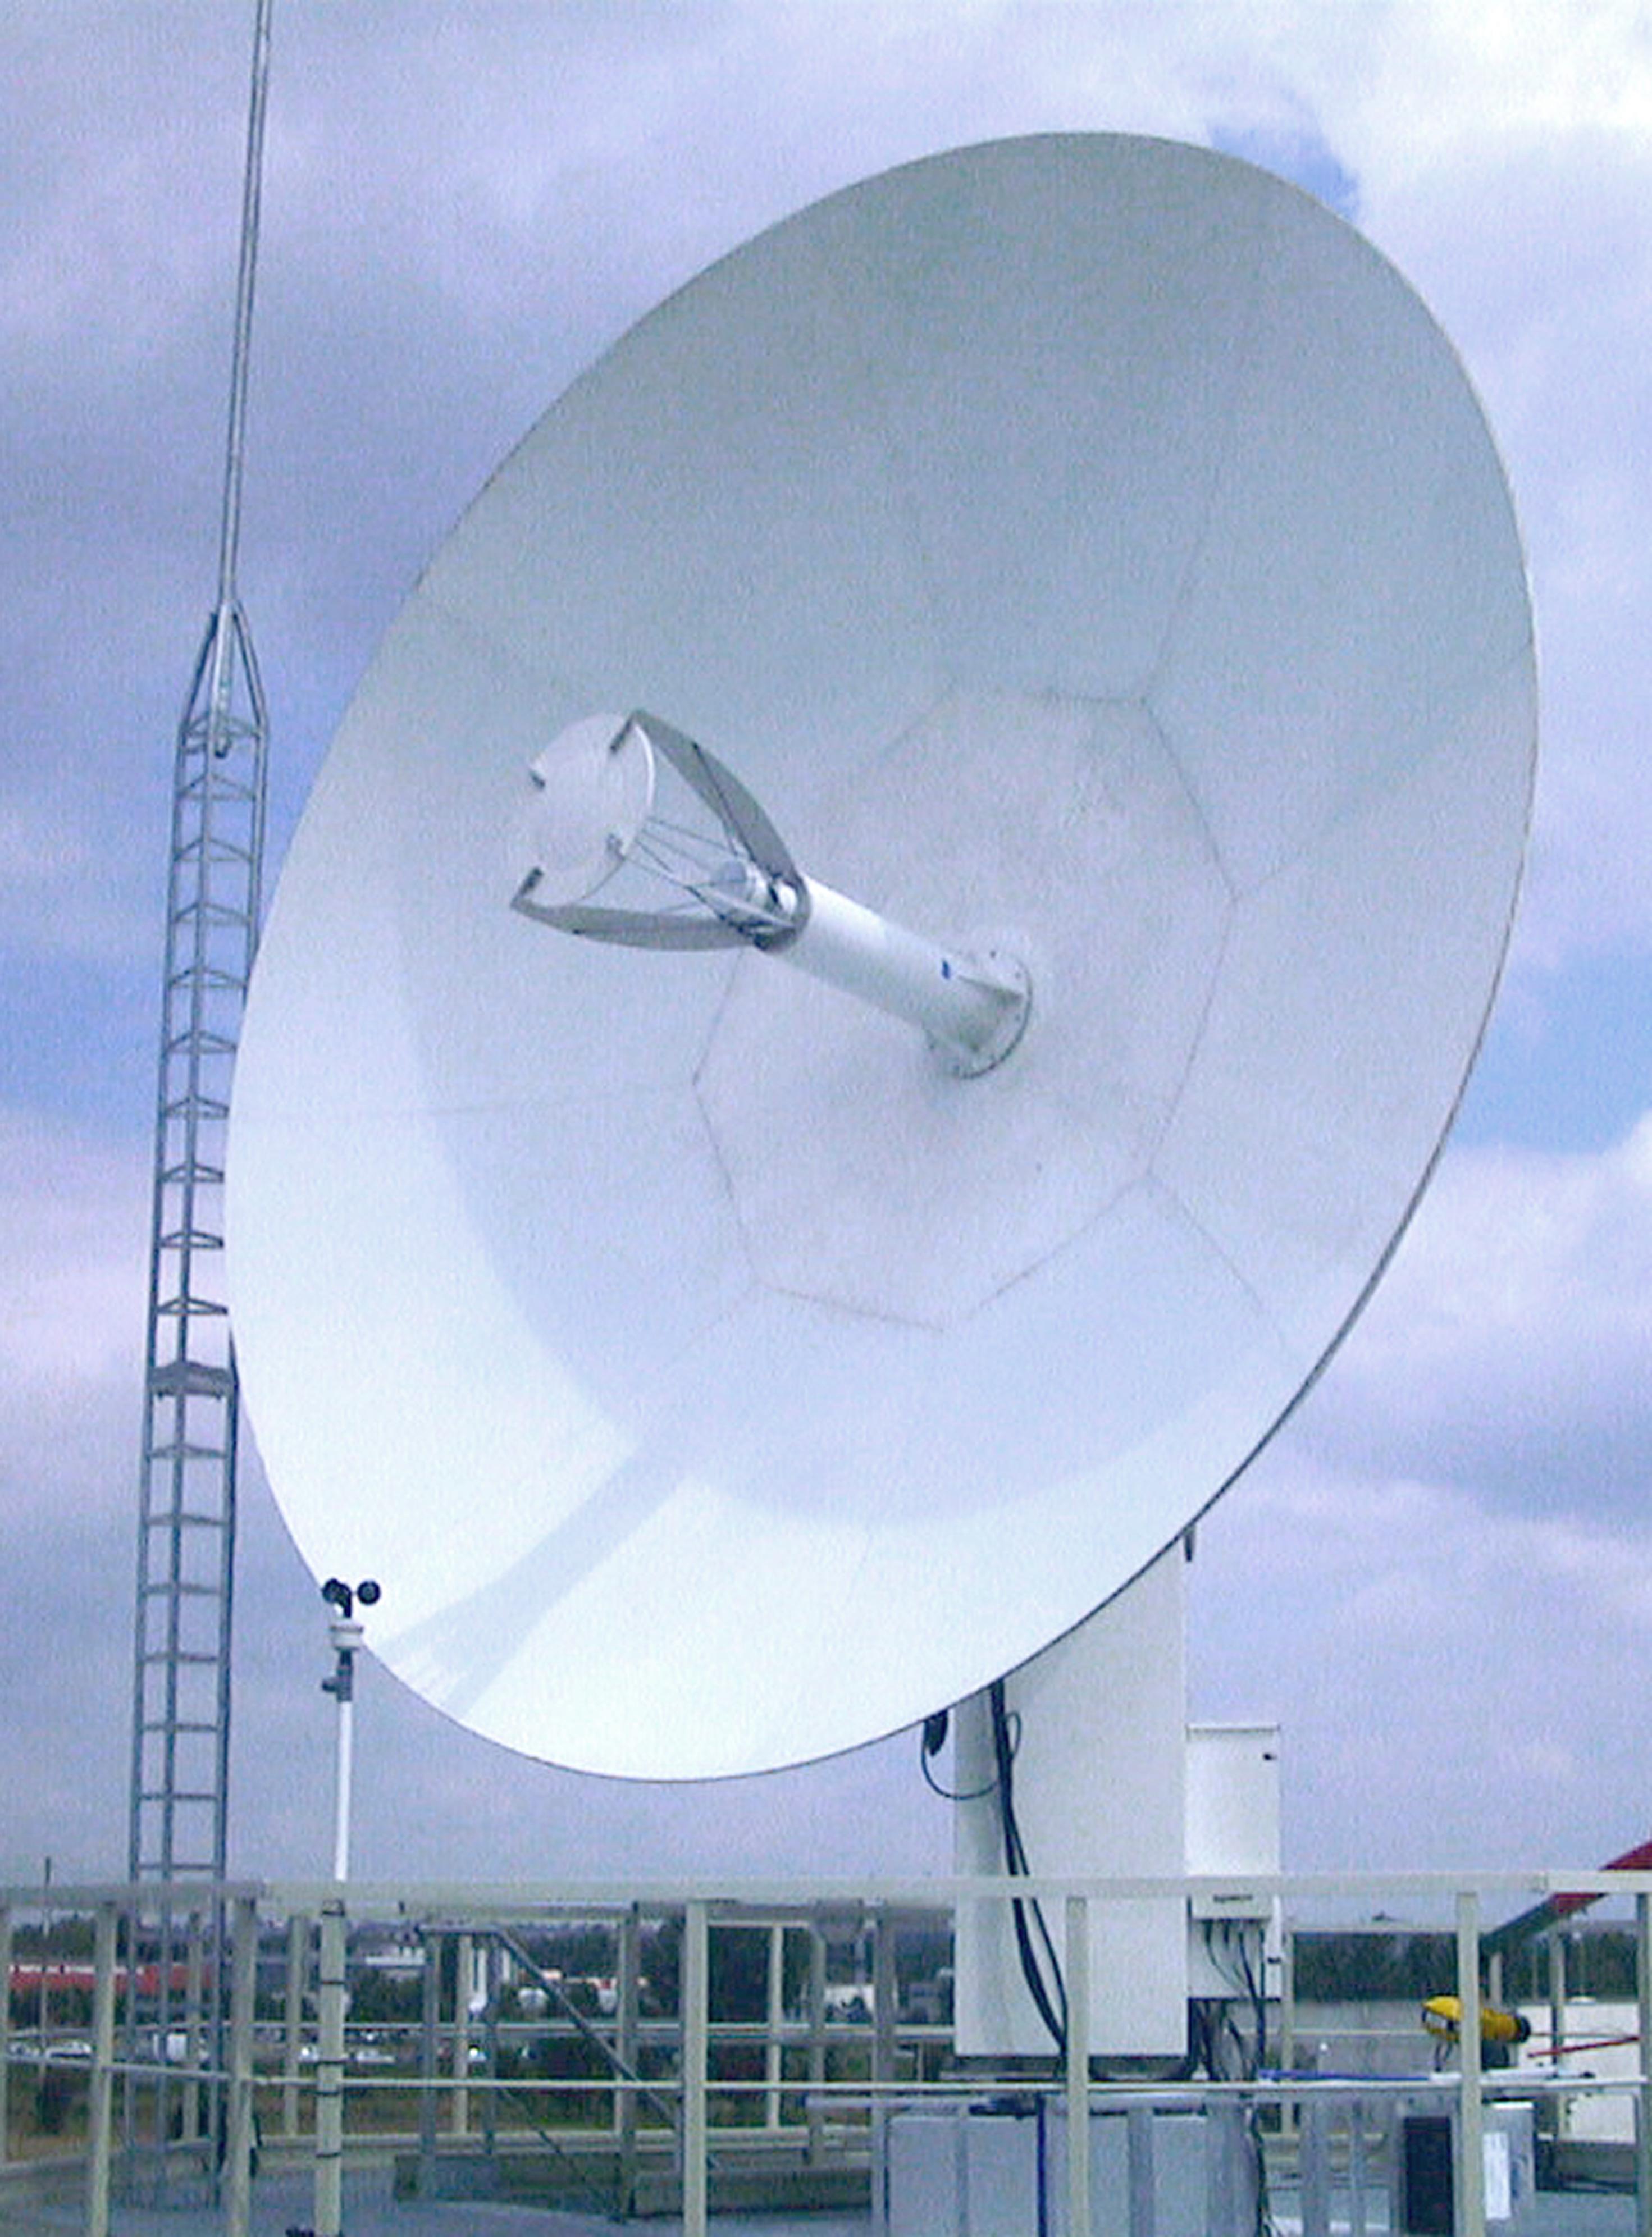 La folle histoire d une pci 6534 et d un satellite for Regler une antenne satellite